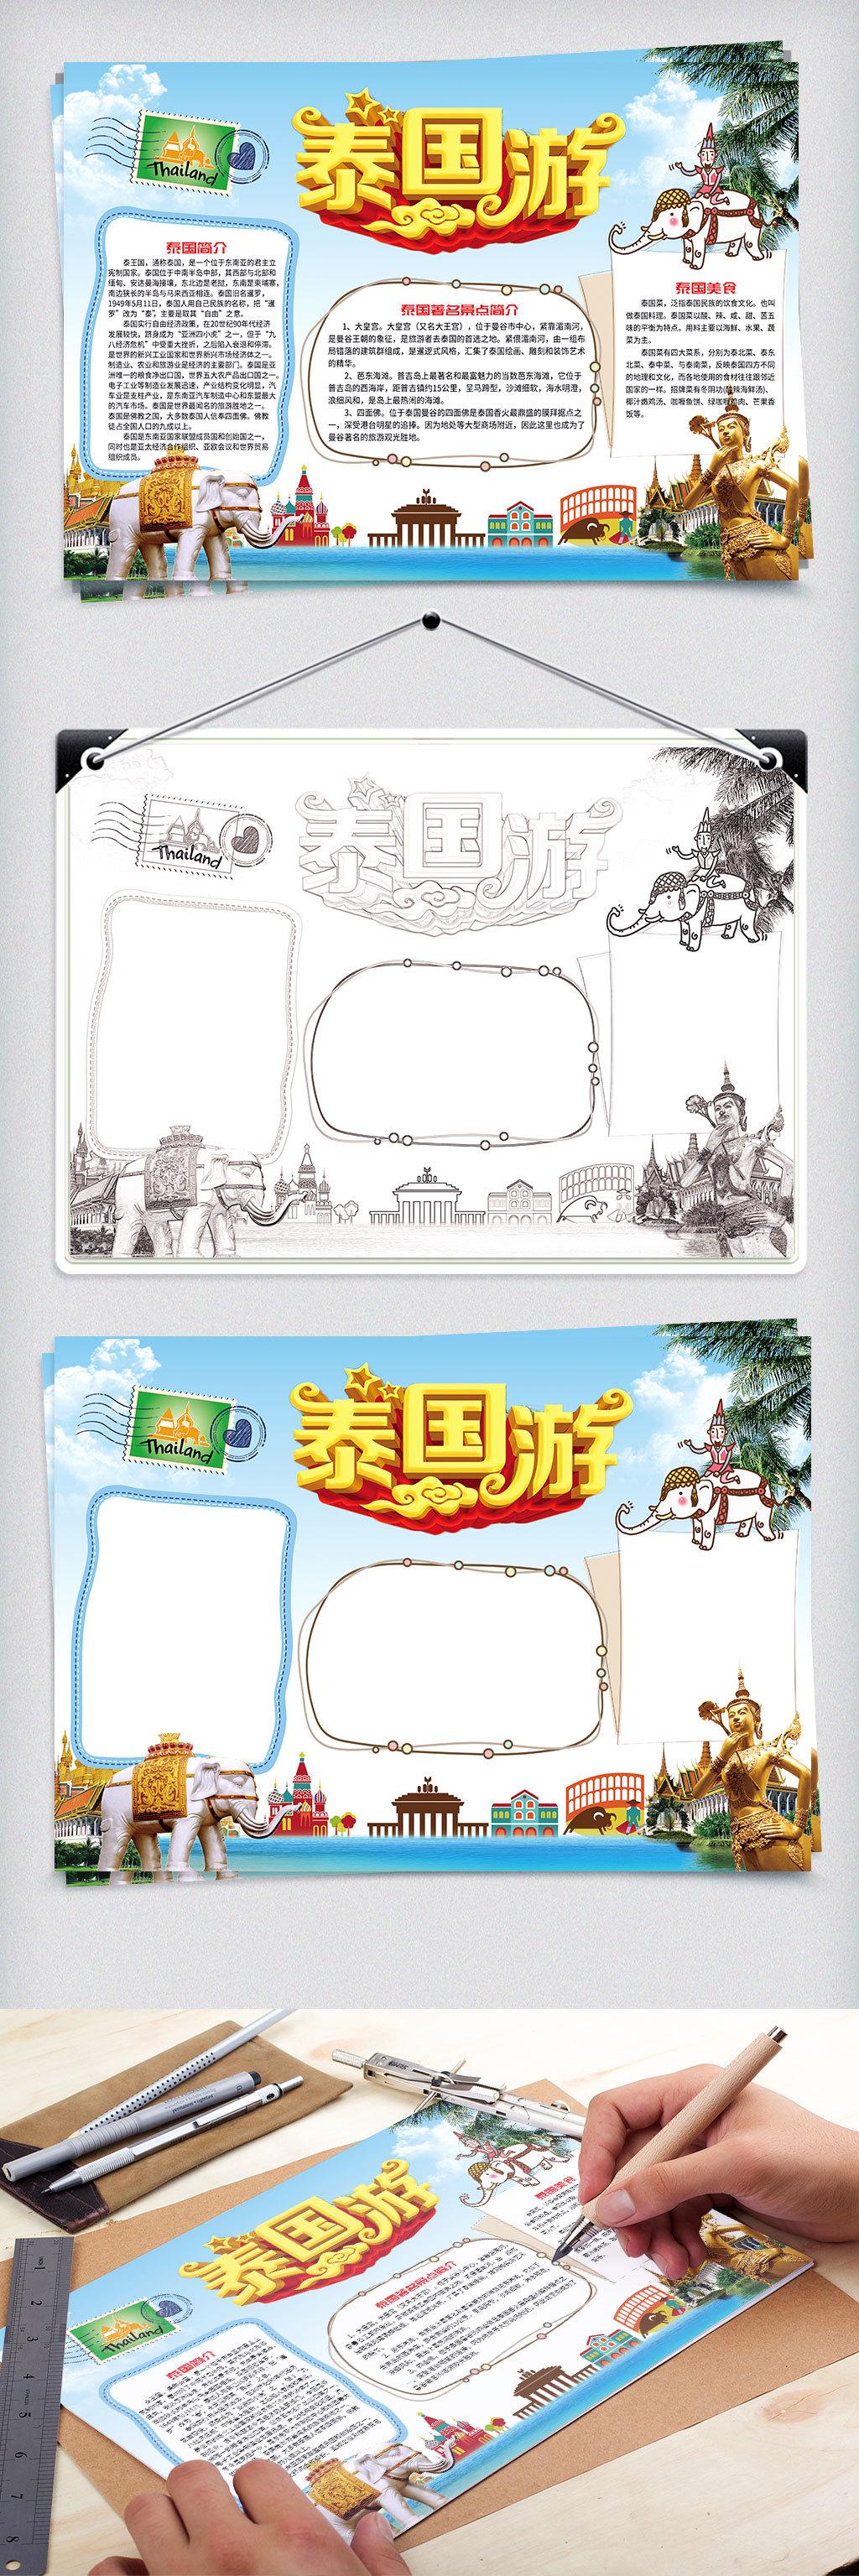 泰国旅游小报模板